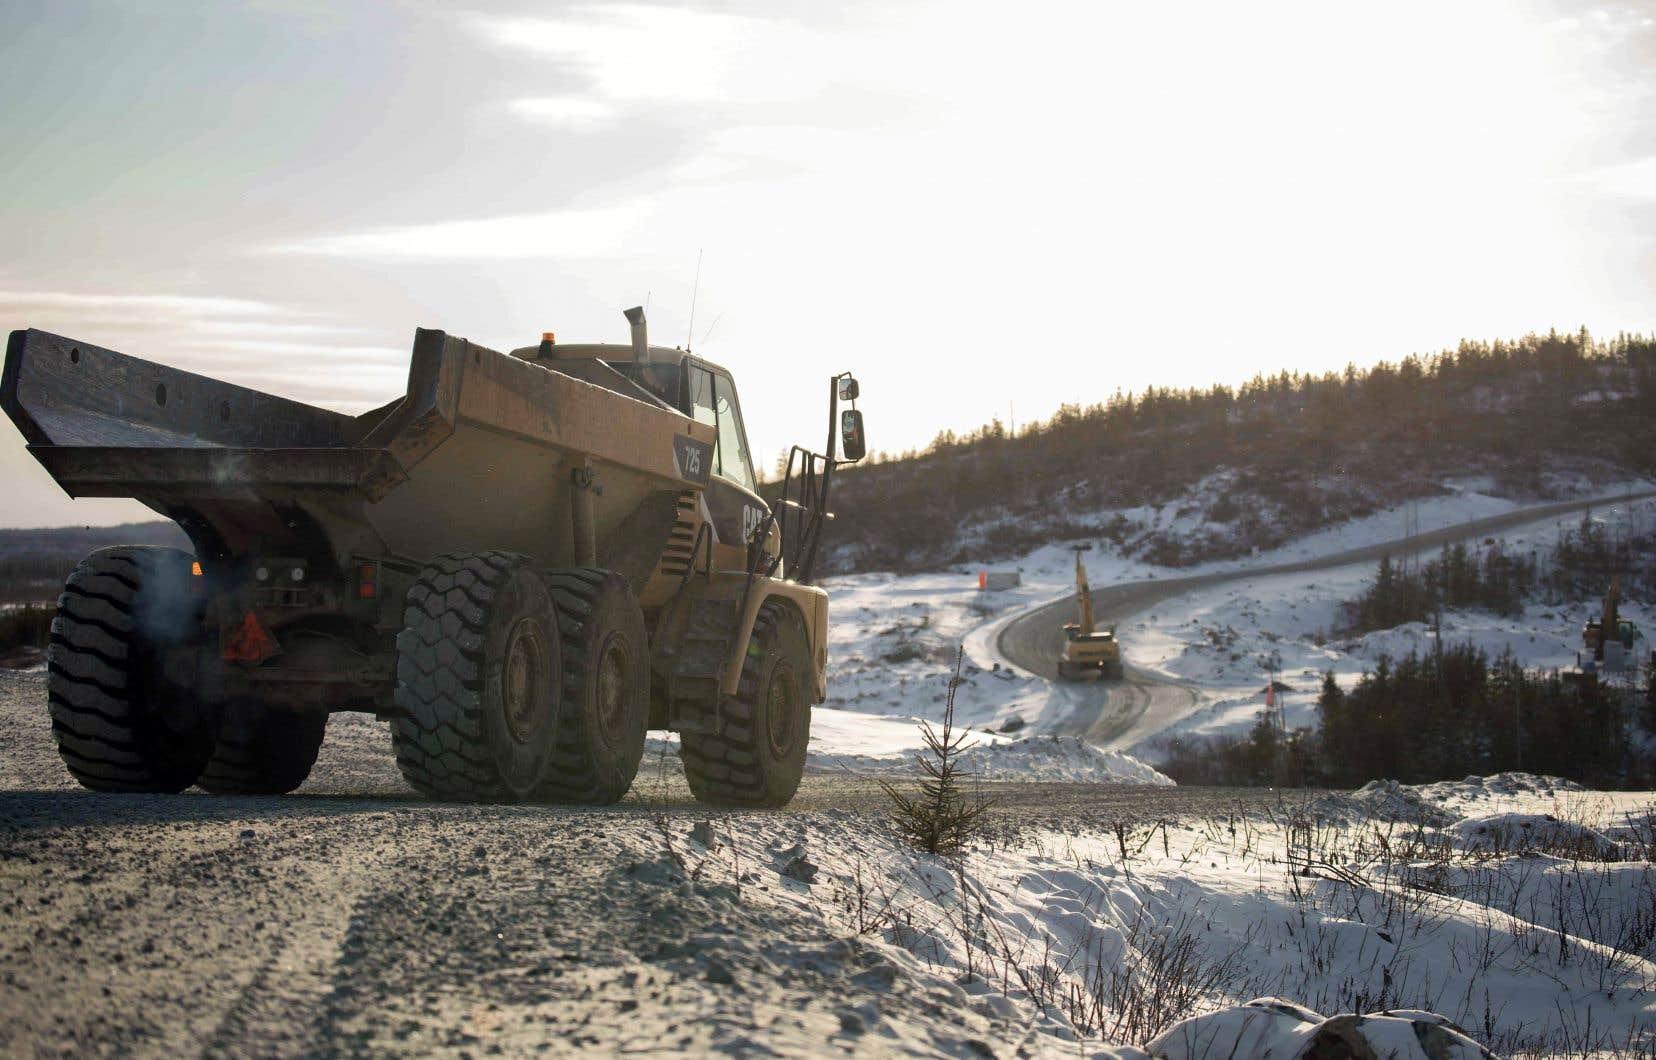 Nemaska Lithium souhaite exploiter la mine Whabouchi, située à 300km au nord de Chibougamau, pour y extraire du spodumène — le minerai de lithium — et expédier la matière première à sa future usine de production commerciale de Shawinigan.